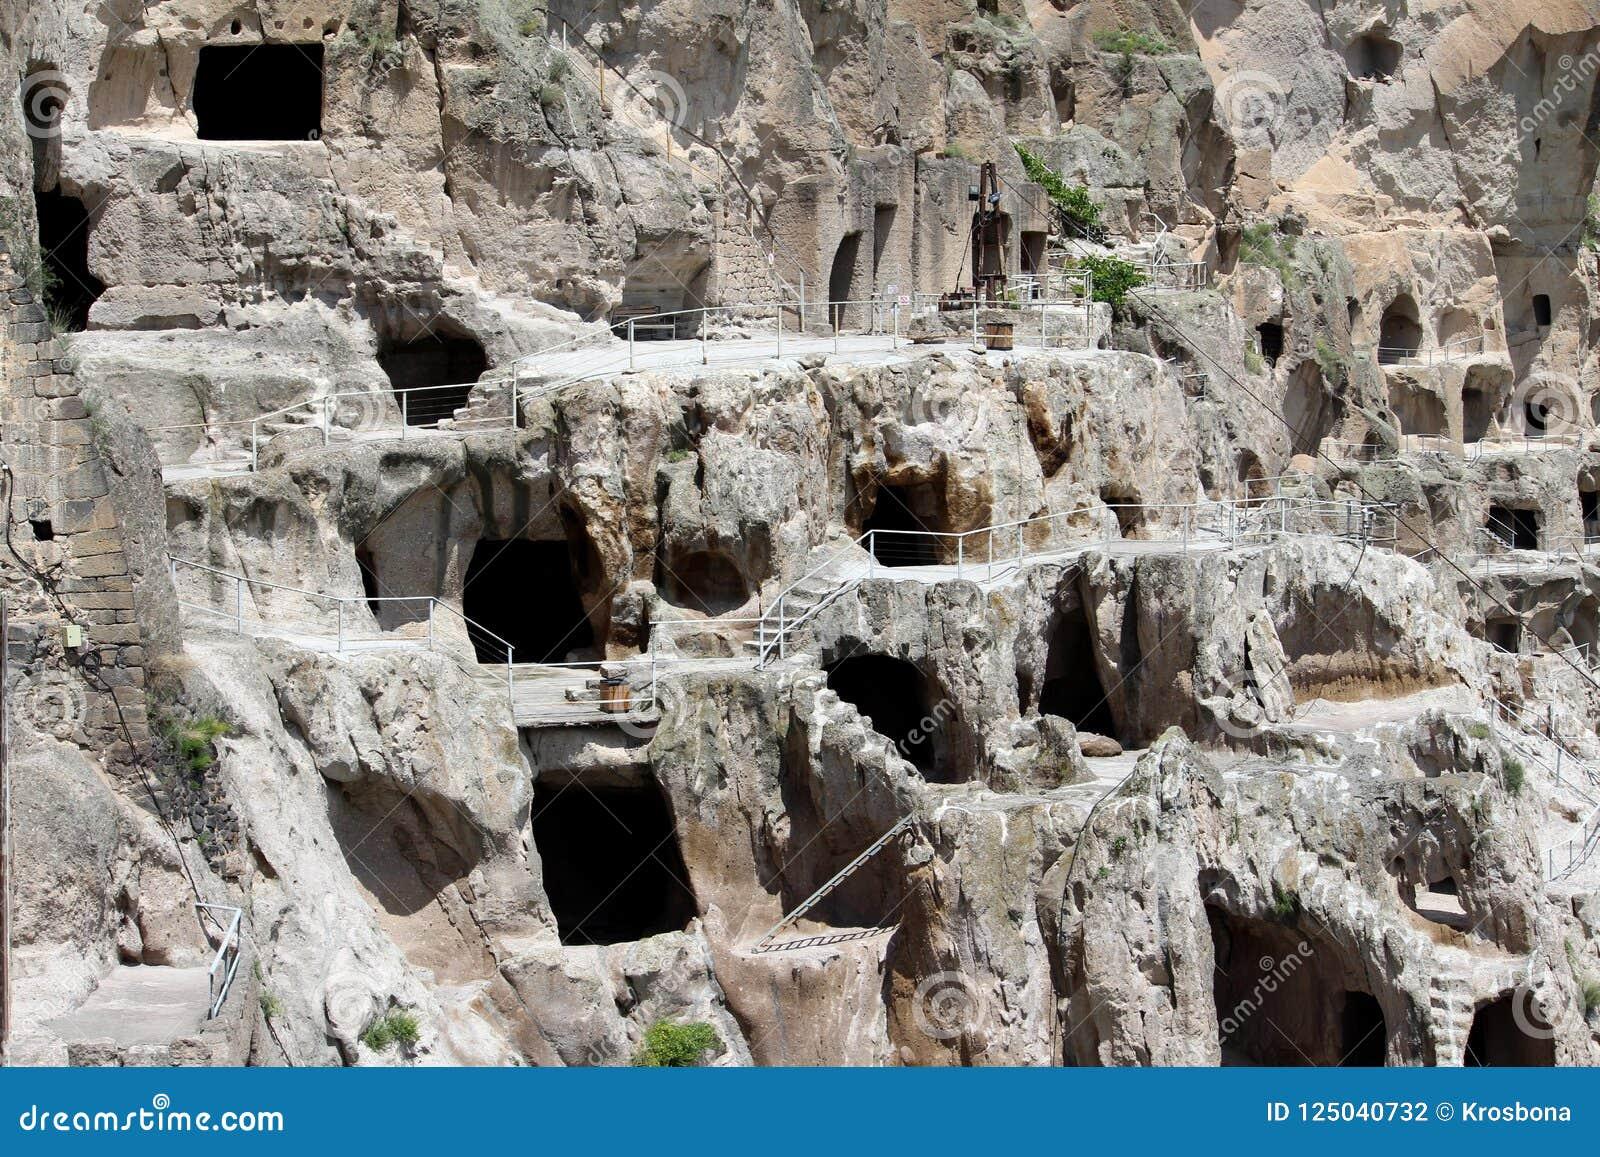 Vardzia Cave Town-Monastery